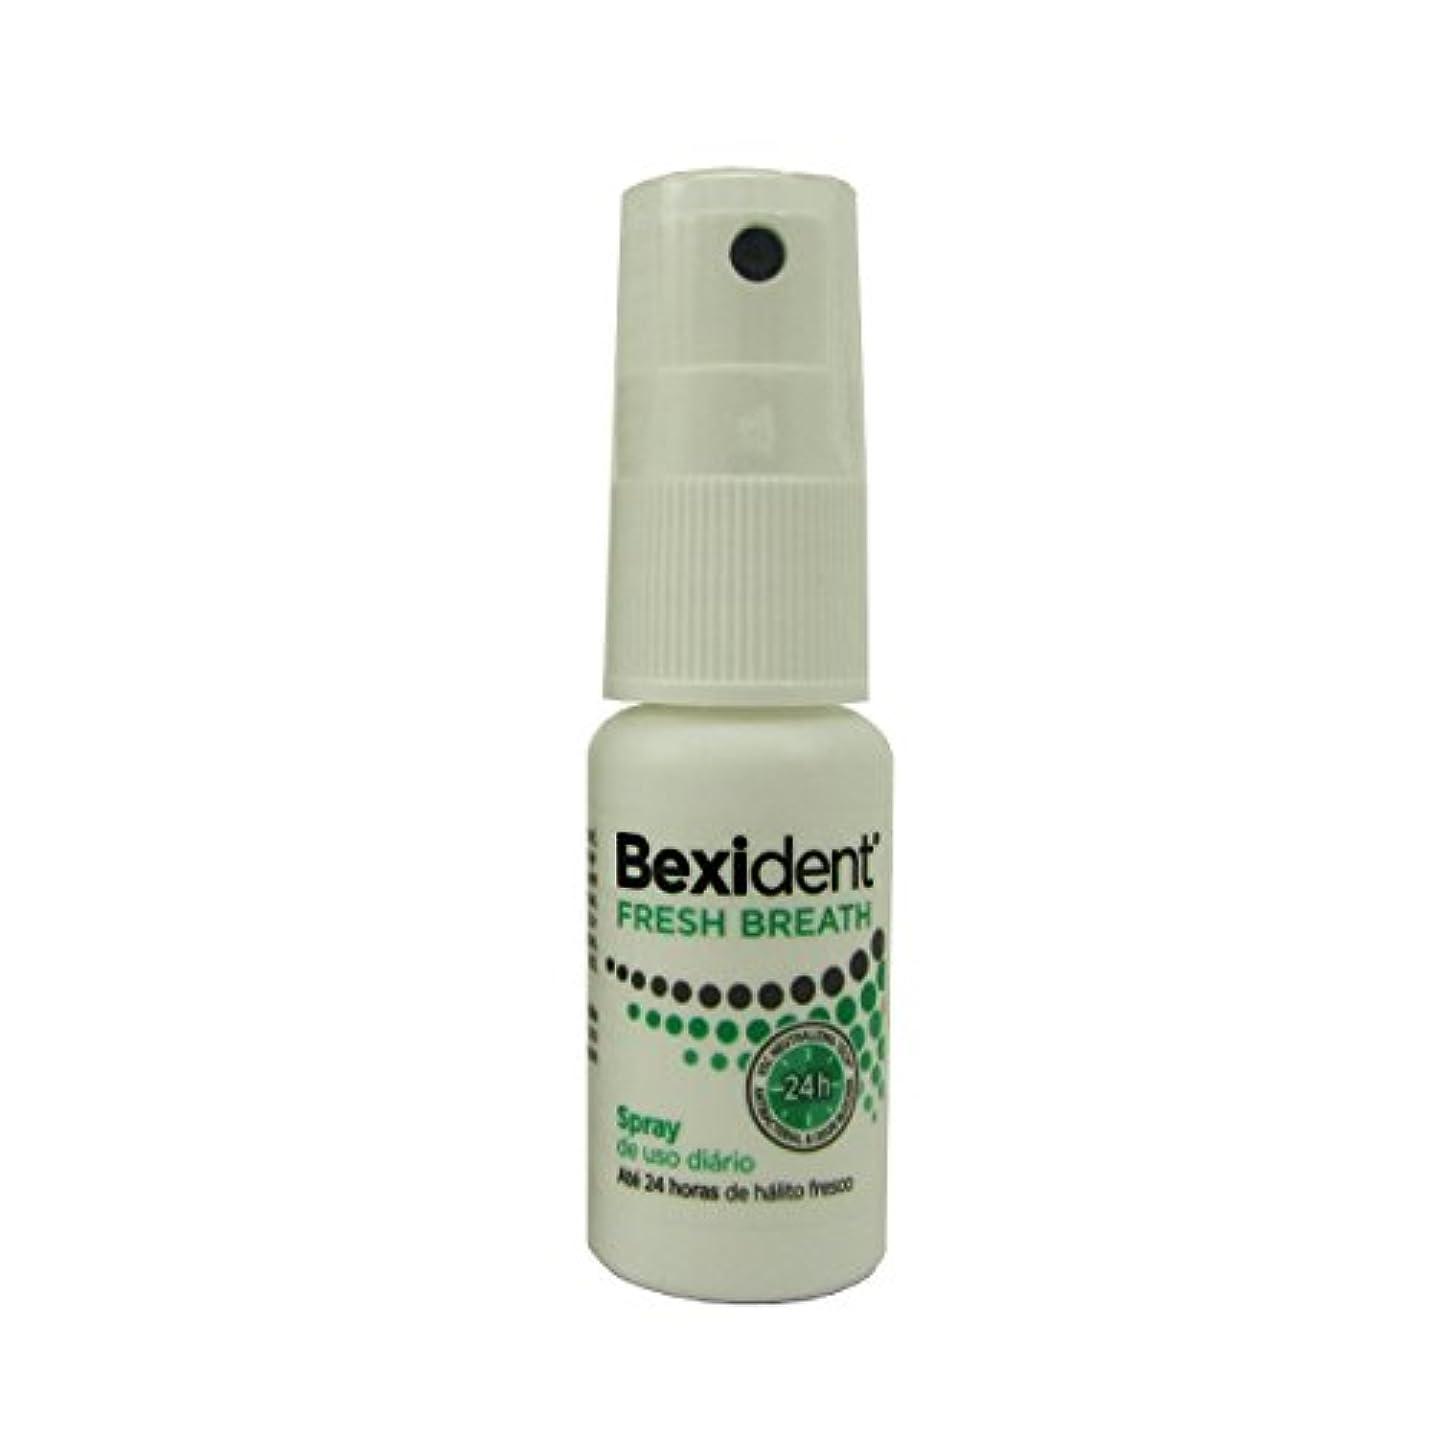 クリーナーぎこちないベアリングBexident Fresh Breath Spray 15ml [並行輸入品]